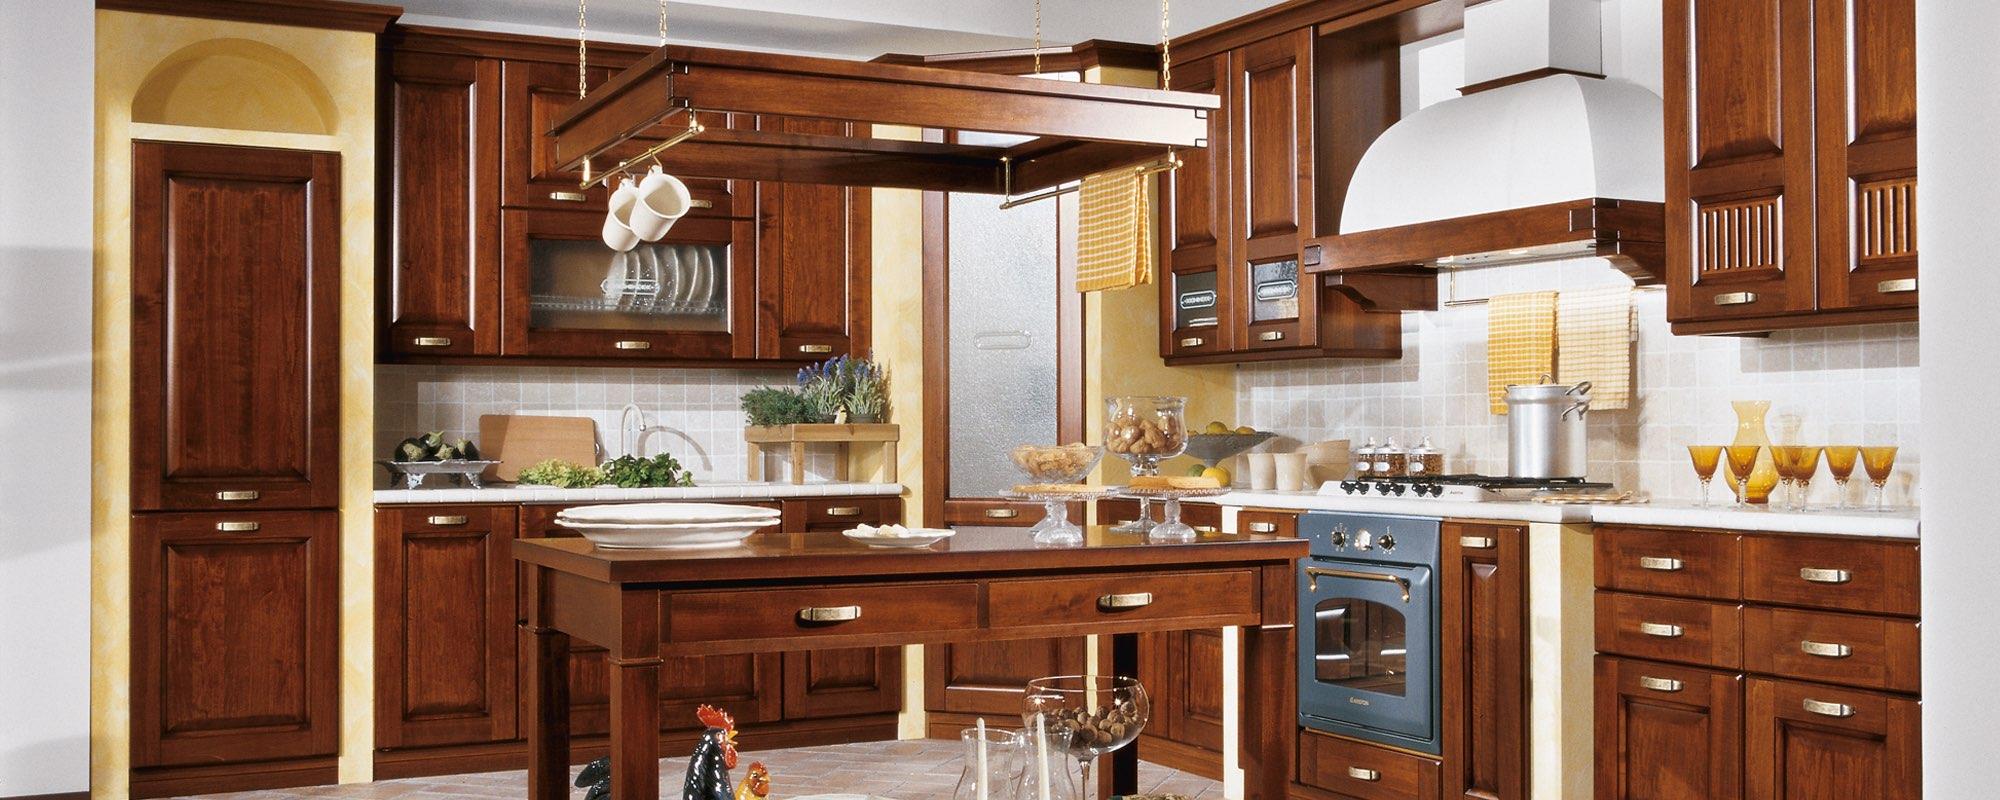 Stosa cucine classiche malaga cagliari 49 cucine for Arredamenti cagliari